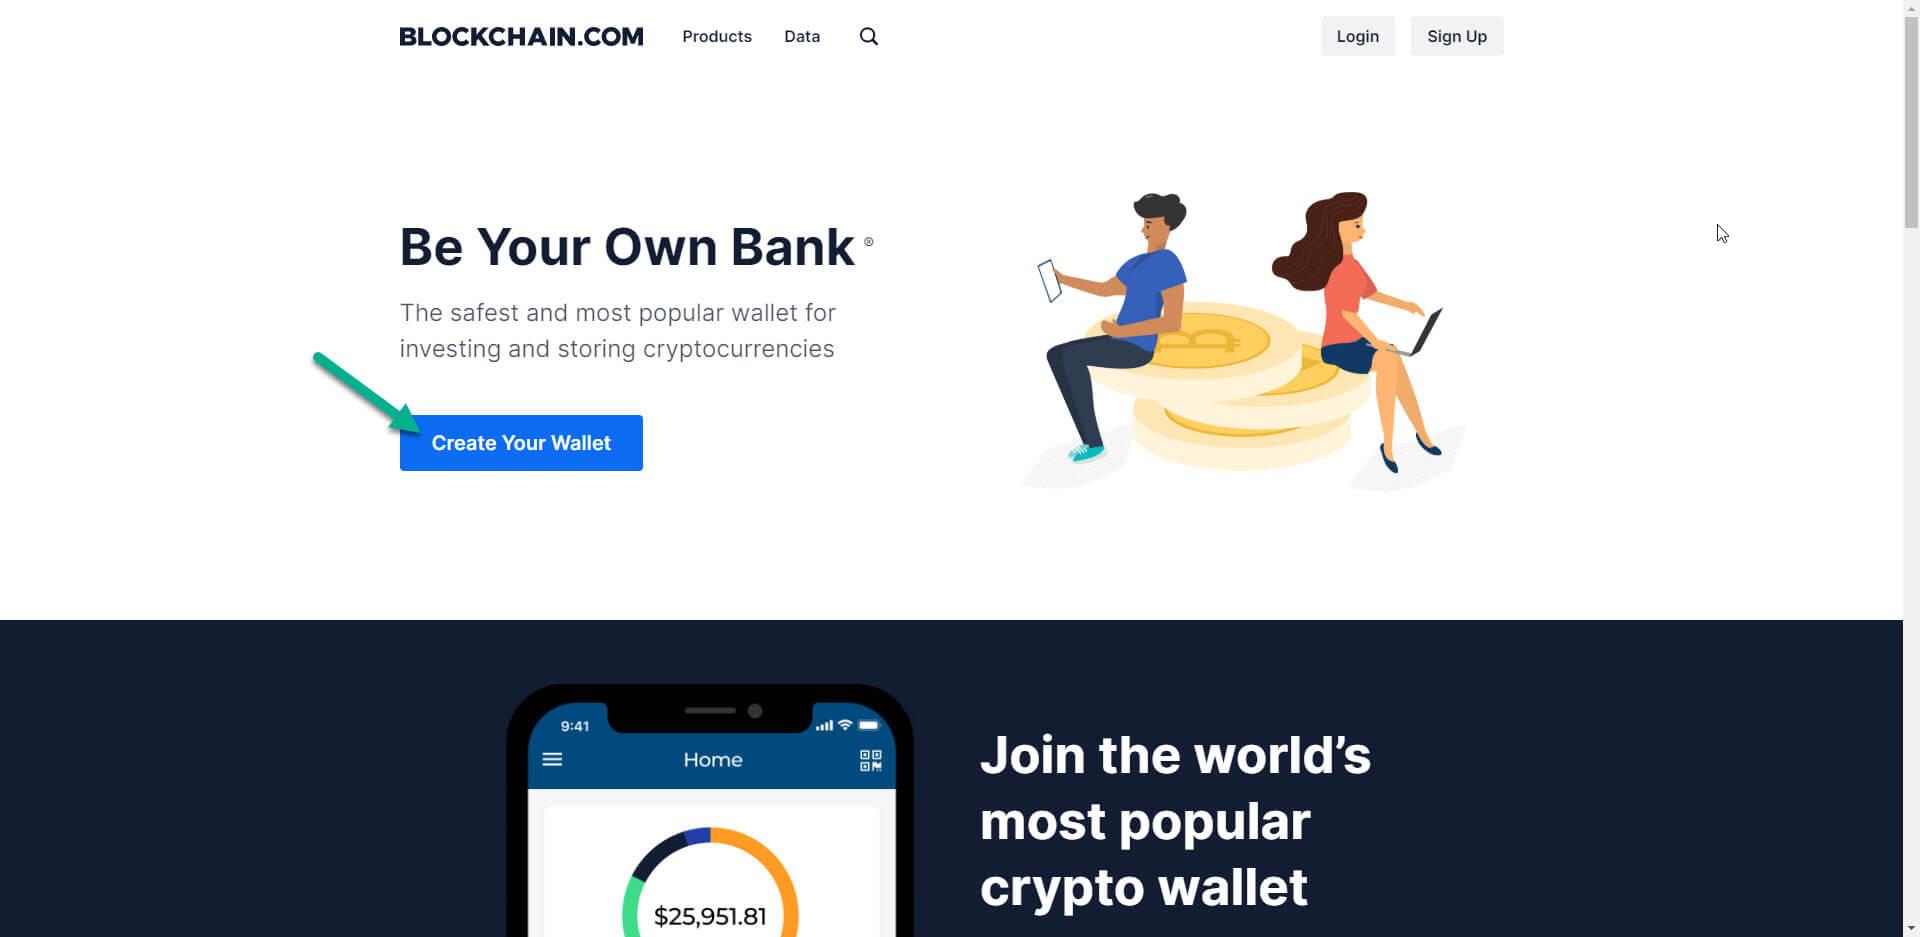 إنشاء محفظة BLOCKCHAIN.COM